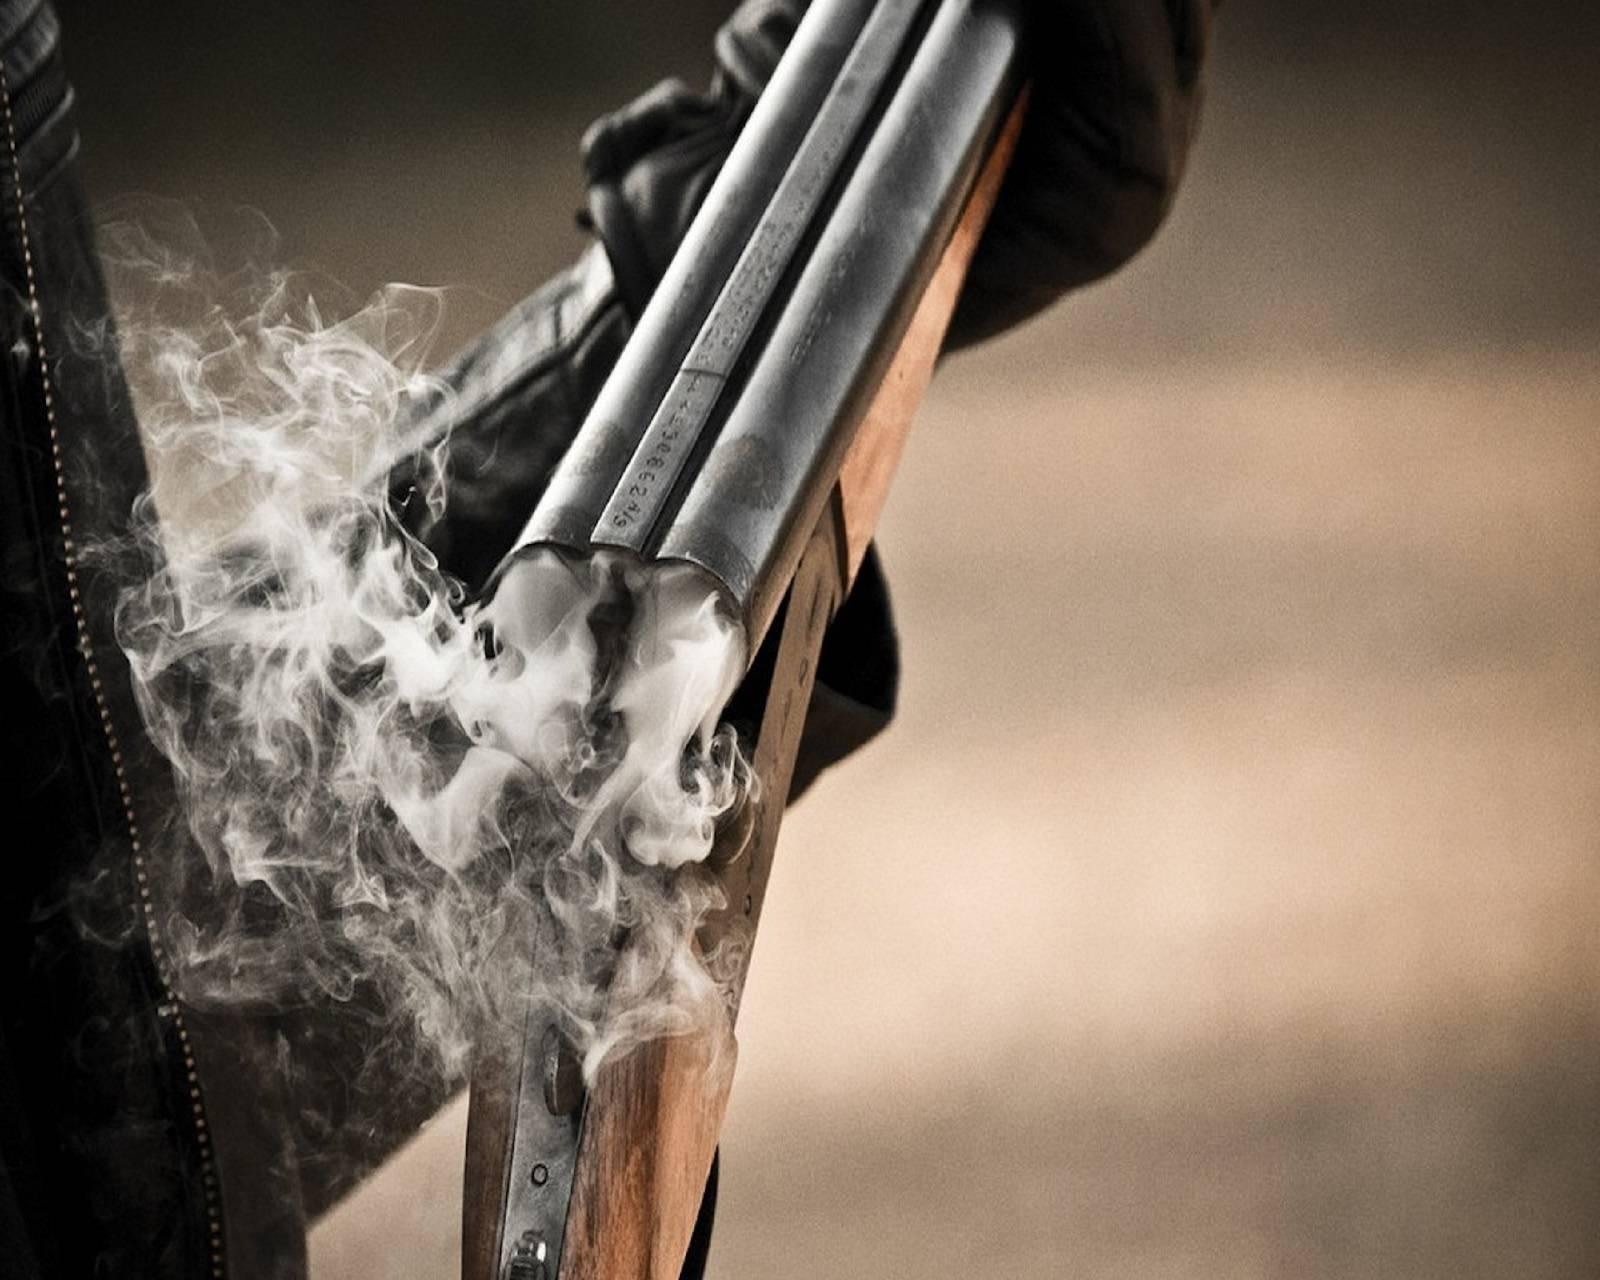 gun shot-shanku